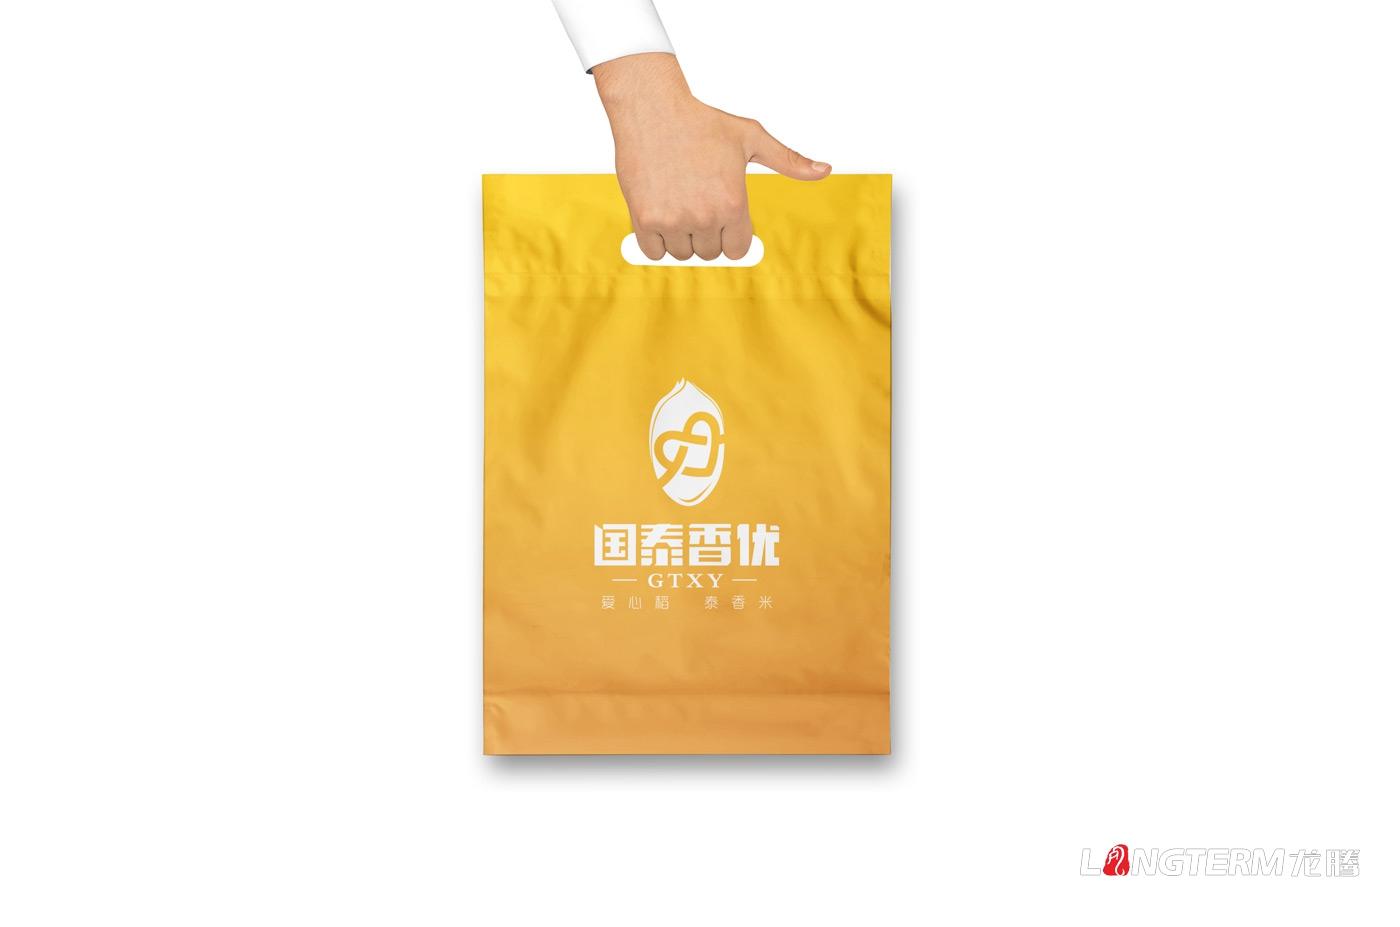 国泰香优品牌LOGO及VI亿博国际app下载_四川众智种业科技有限公司品牌形象亿博国际app下载